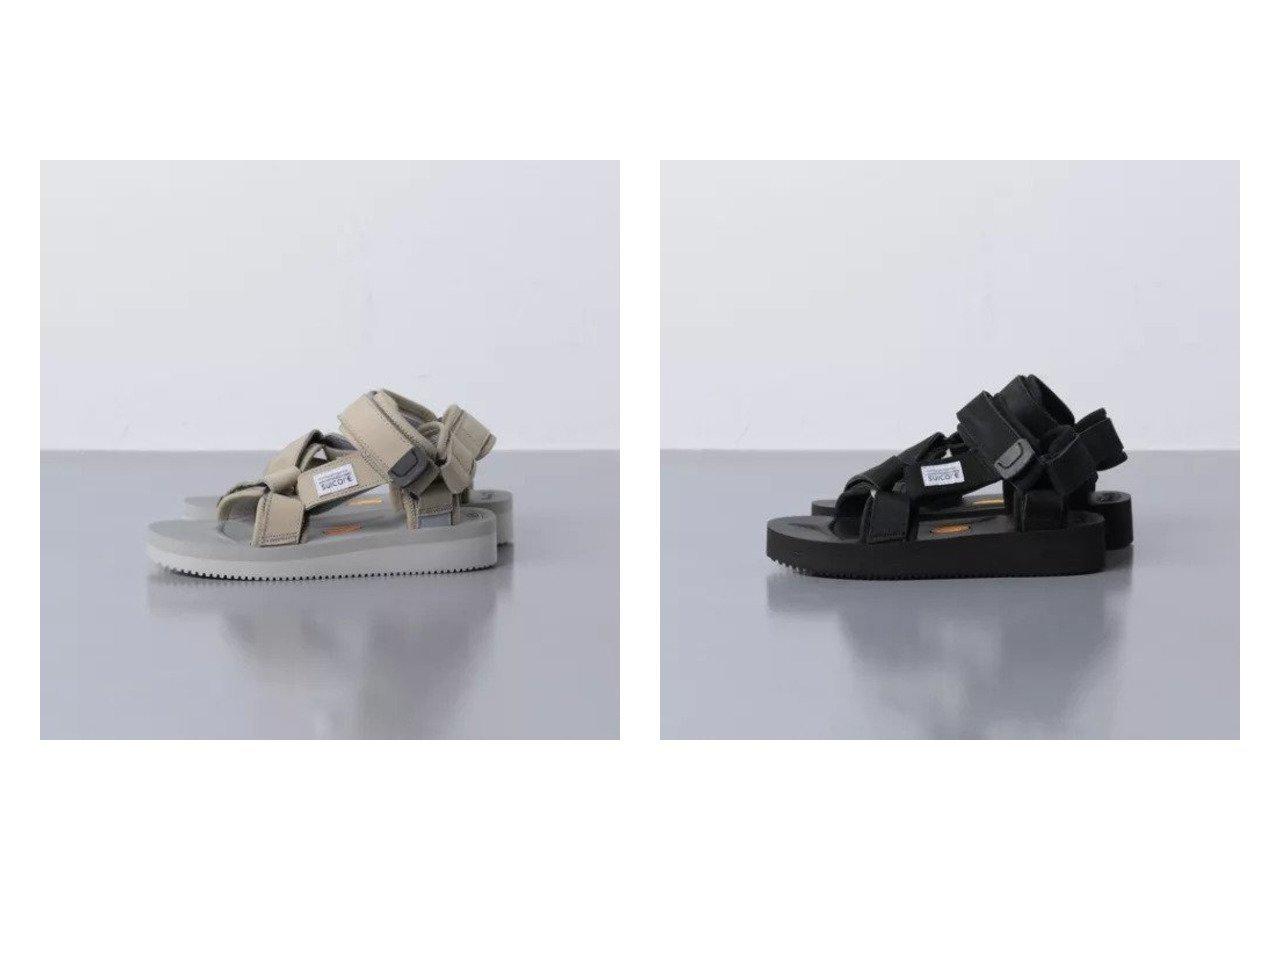 【UNITED ARROWS/ユナイテッドアローズ】のDEPA-V2NU サンダル 【シューズ・靴】おすすめ!人気、トレンド・レディースファッションの通販 おすすめで人気の流行・トレンド、ファッションの通販商品 メンズファッション・キッズファッション・インテリア・家具・レディースファッション・服の通販 founy(ファニー) https://founy.com/ ファッション Fashion レディースファッション WOMEN サンダル シューズ ラップ  ID:crp329100000030400